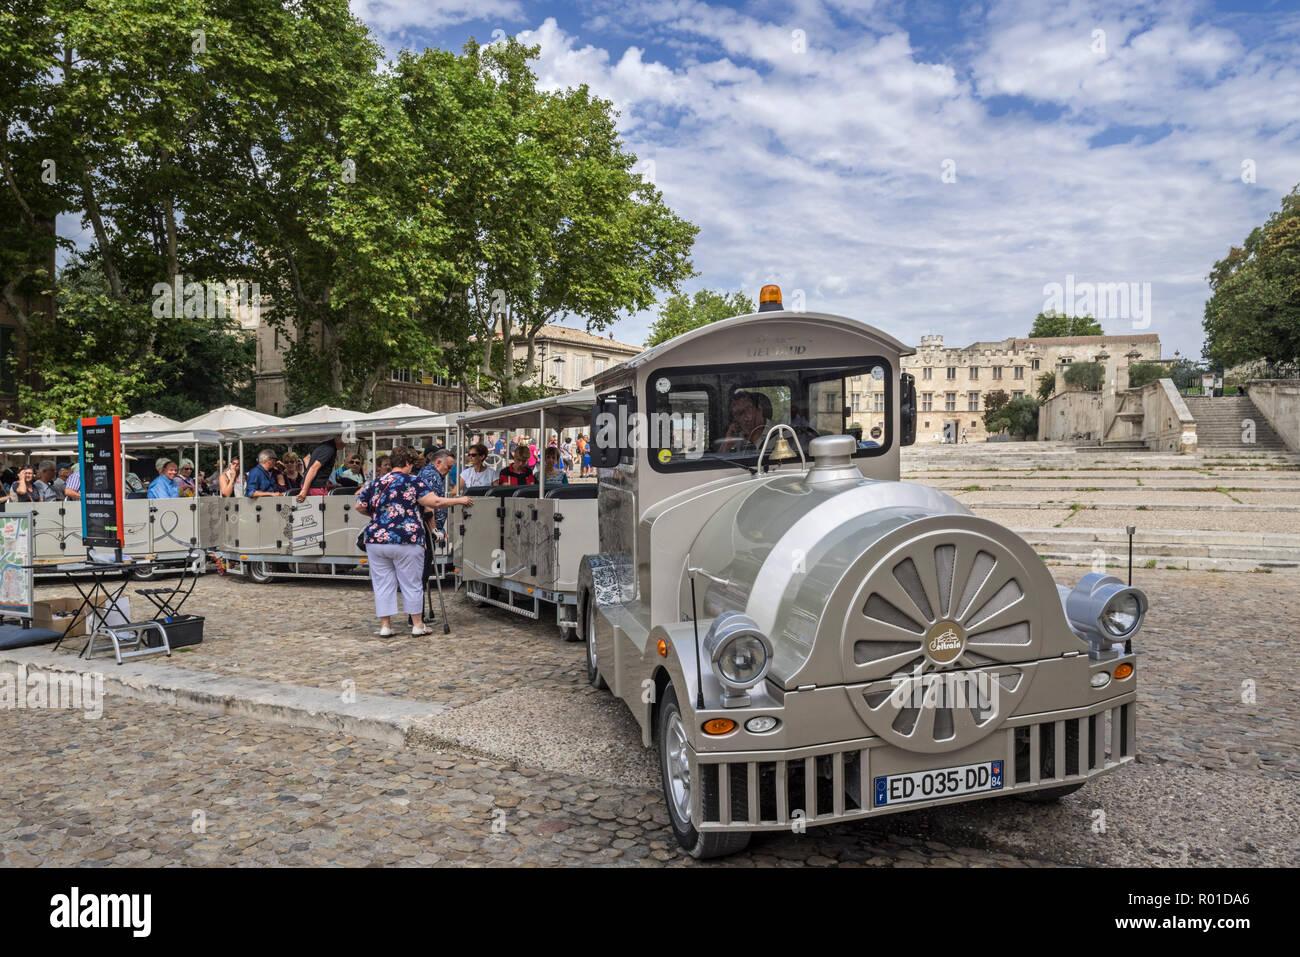 Los turistas subir poco tren turístico para visita guiada / viaje de turismo en la ciudad de Avignon, Vaucluse, Provence-Alpes-Côte d'Azur, Francia Imagen De Stock